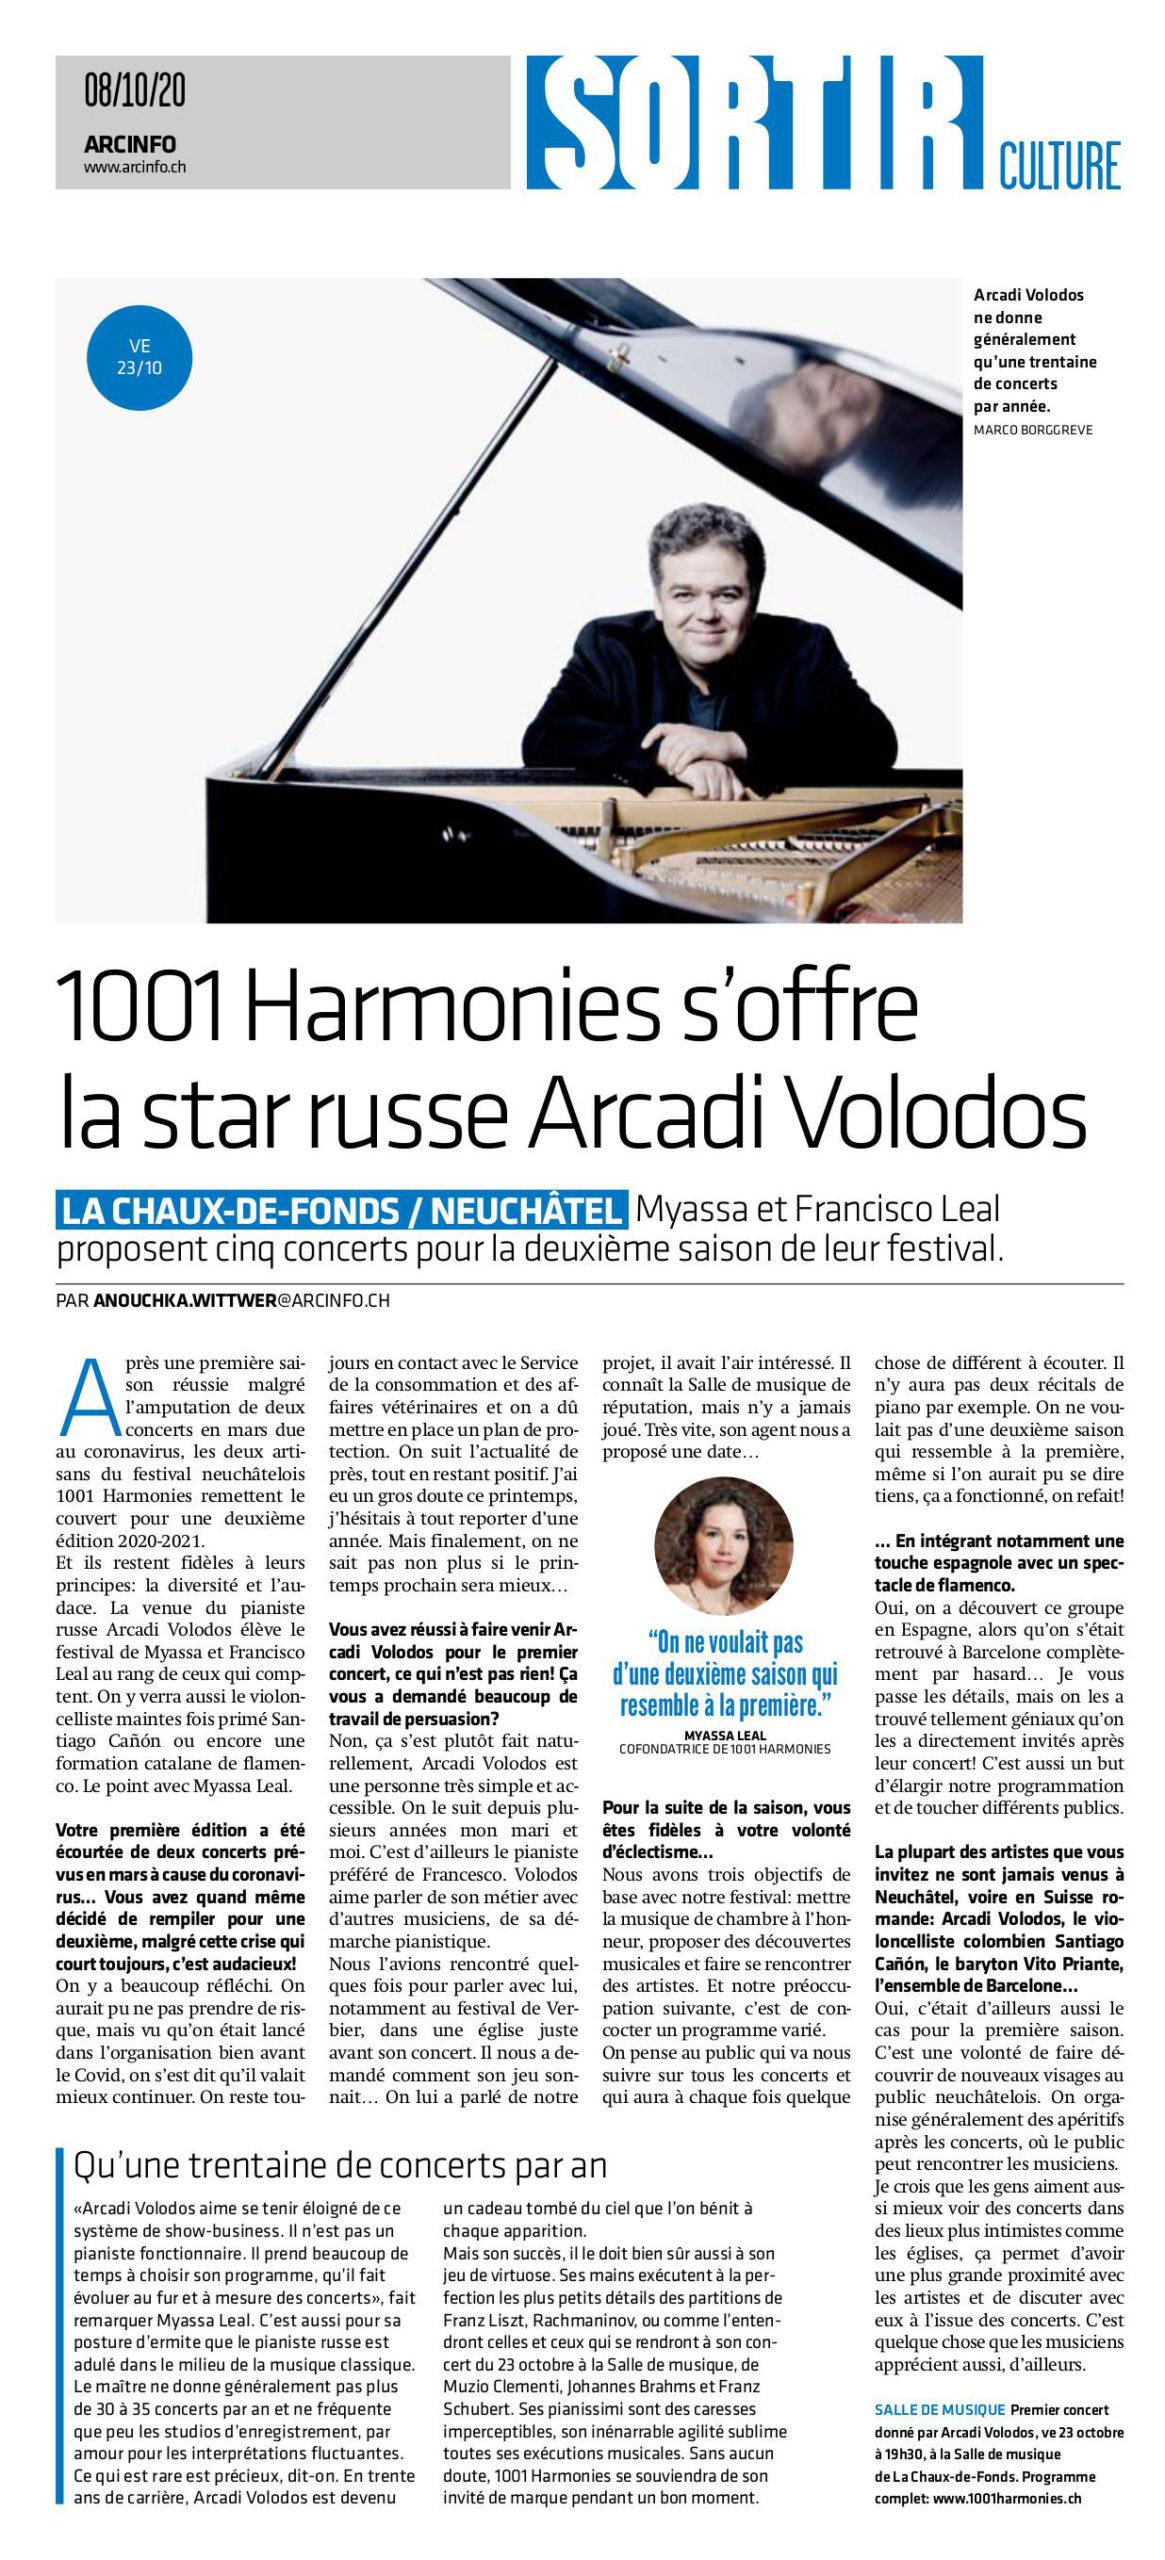 1001 Harmonies s'offre la star russe Arcadi Volodos